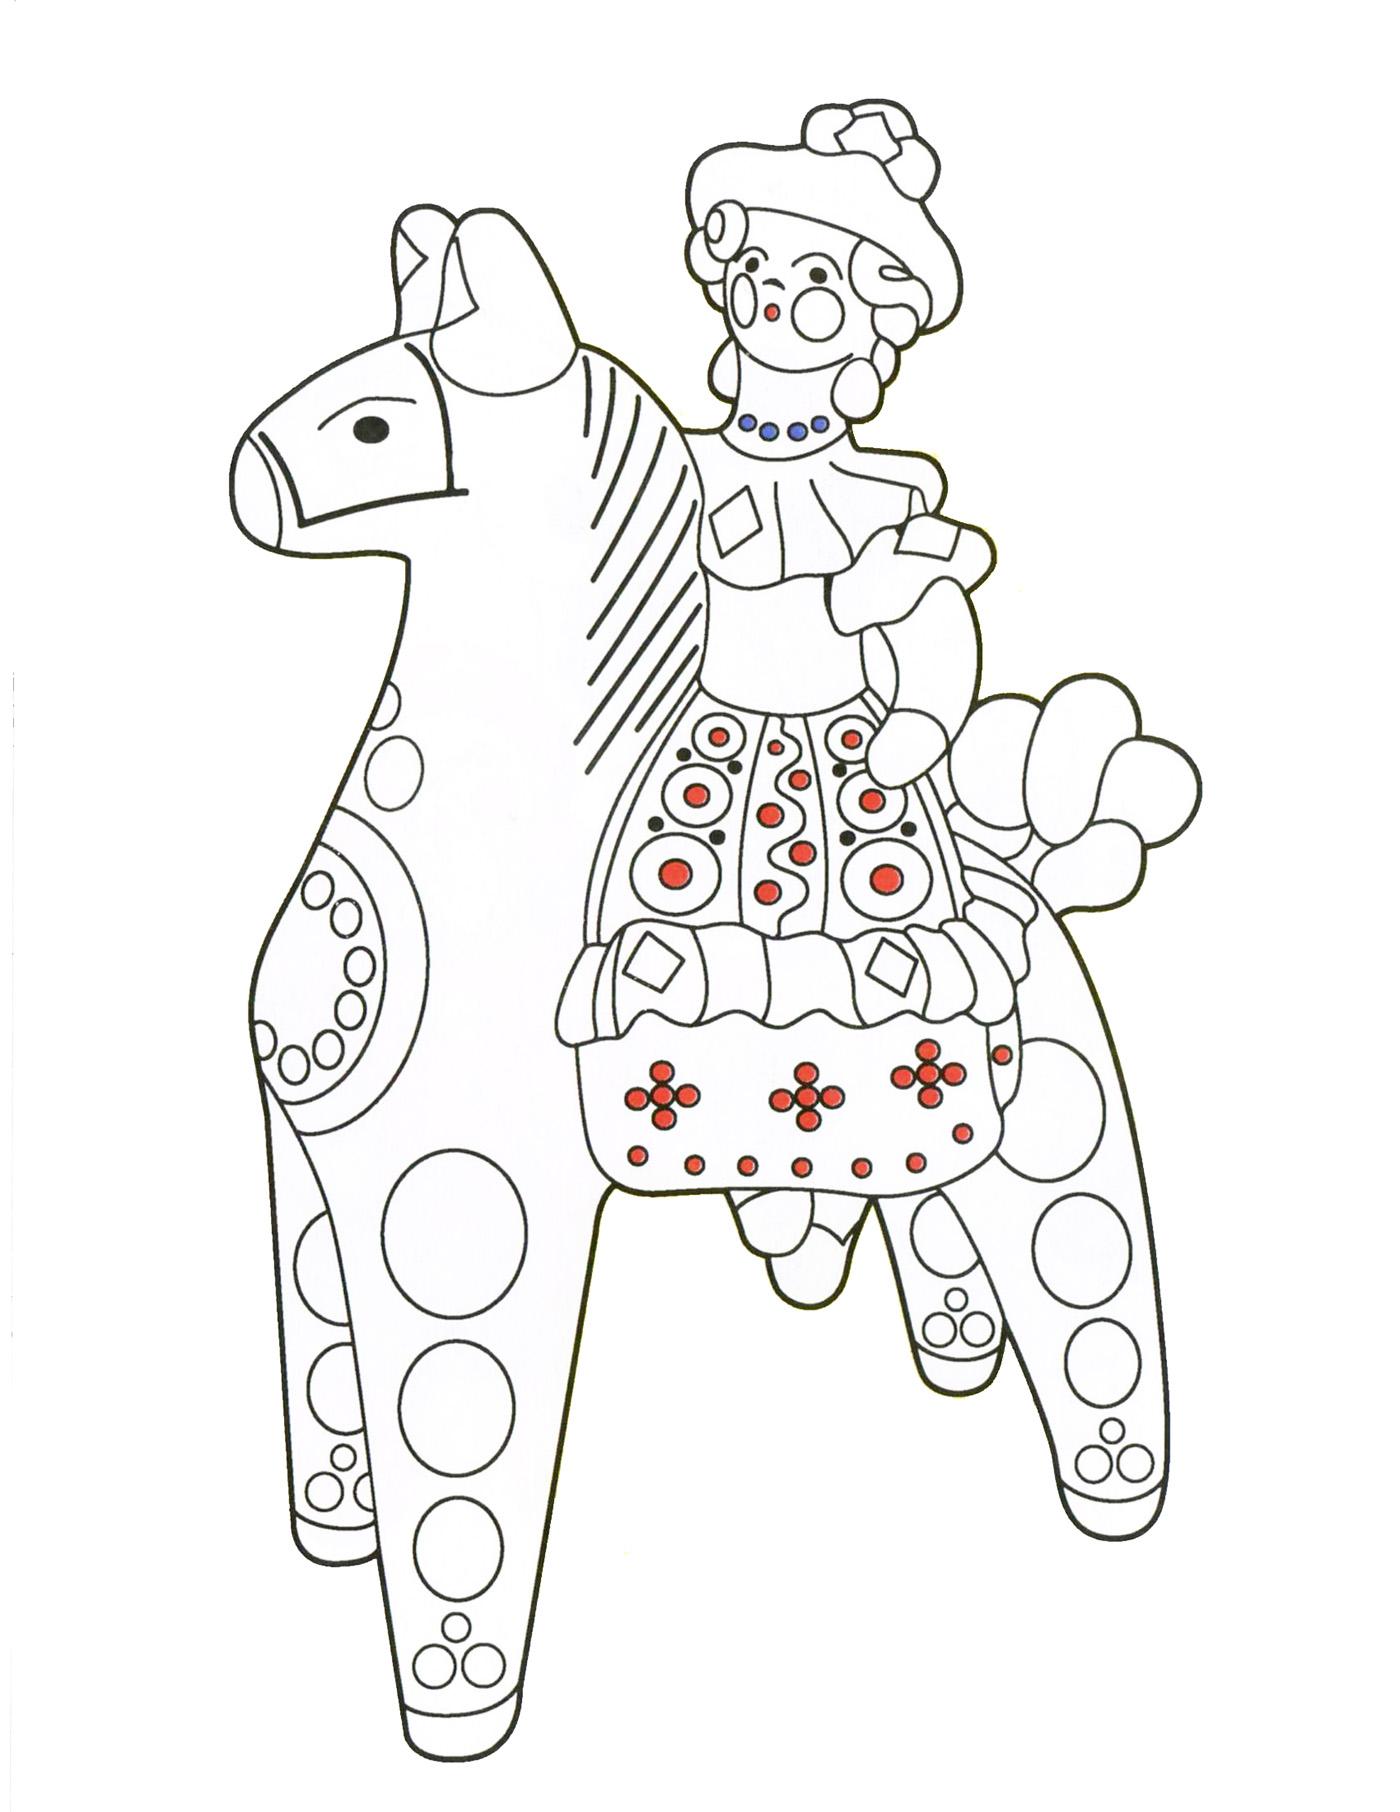 ничего рисунки дымковских игрушек коня ходовым качествам эти